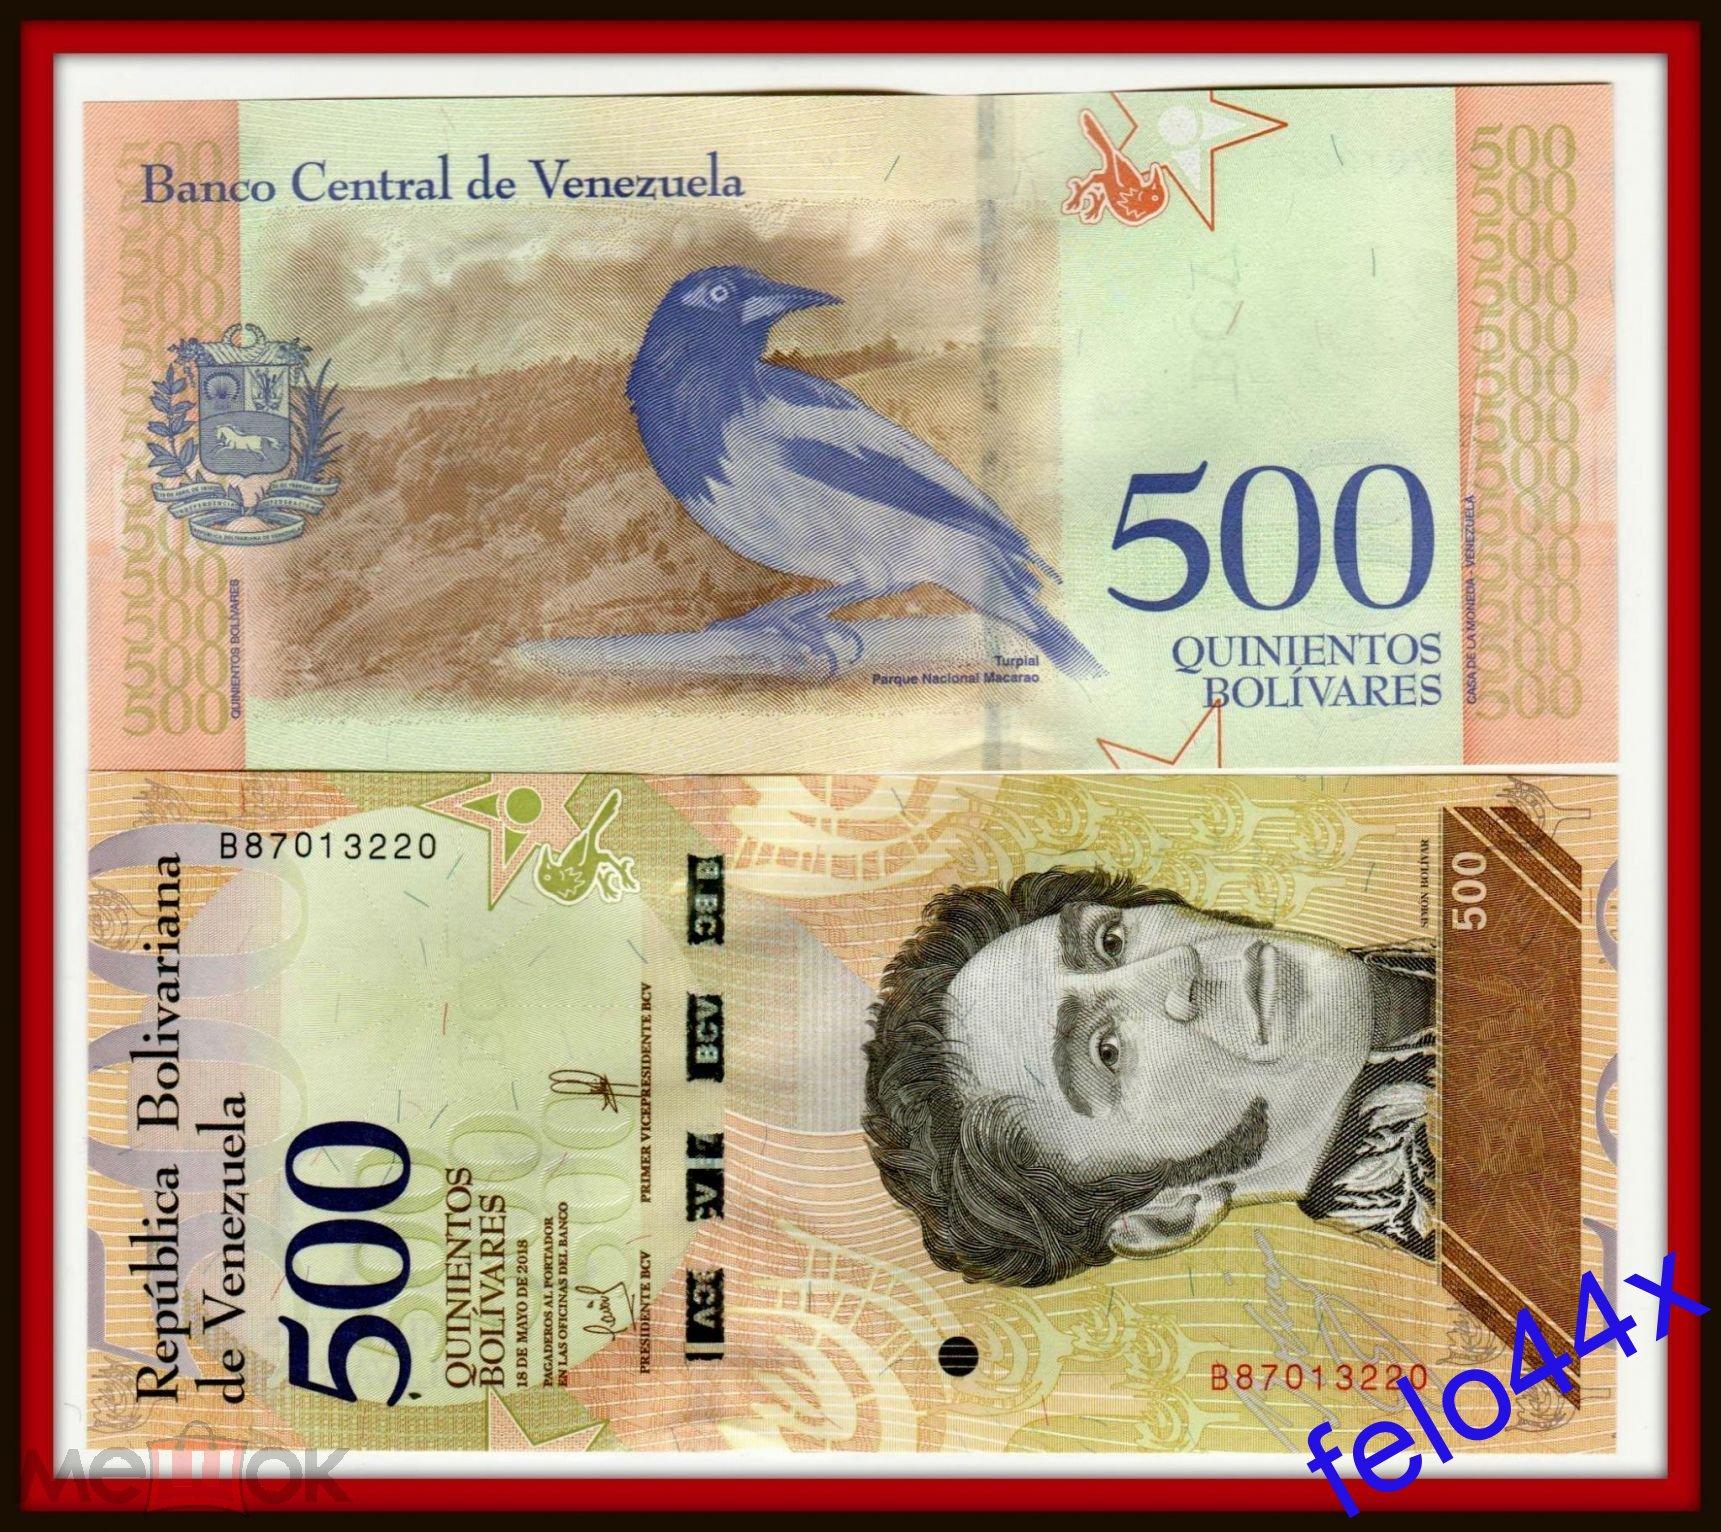 БАНКНОТА бона Венесуэла 500 боливаров 2018 год - без обращения - UNC ПРЕСС - номер будет другой -